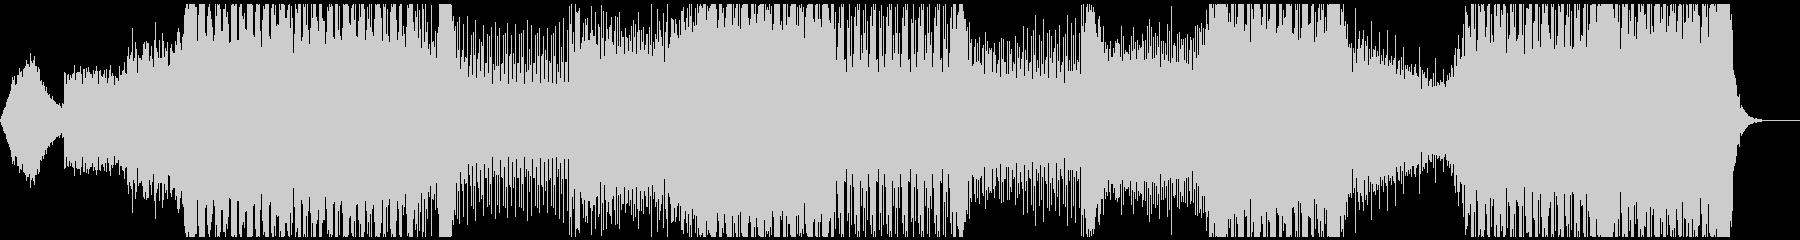 クールなデジタルミュージック、OP系の未再生の波形